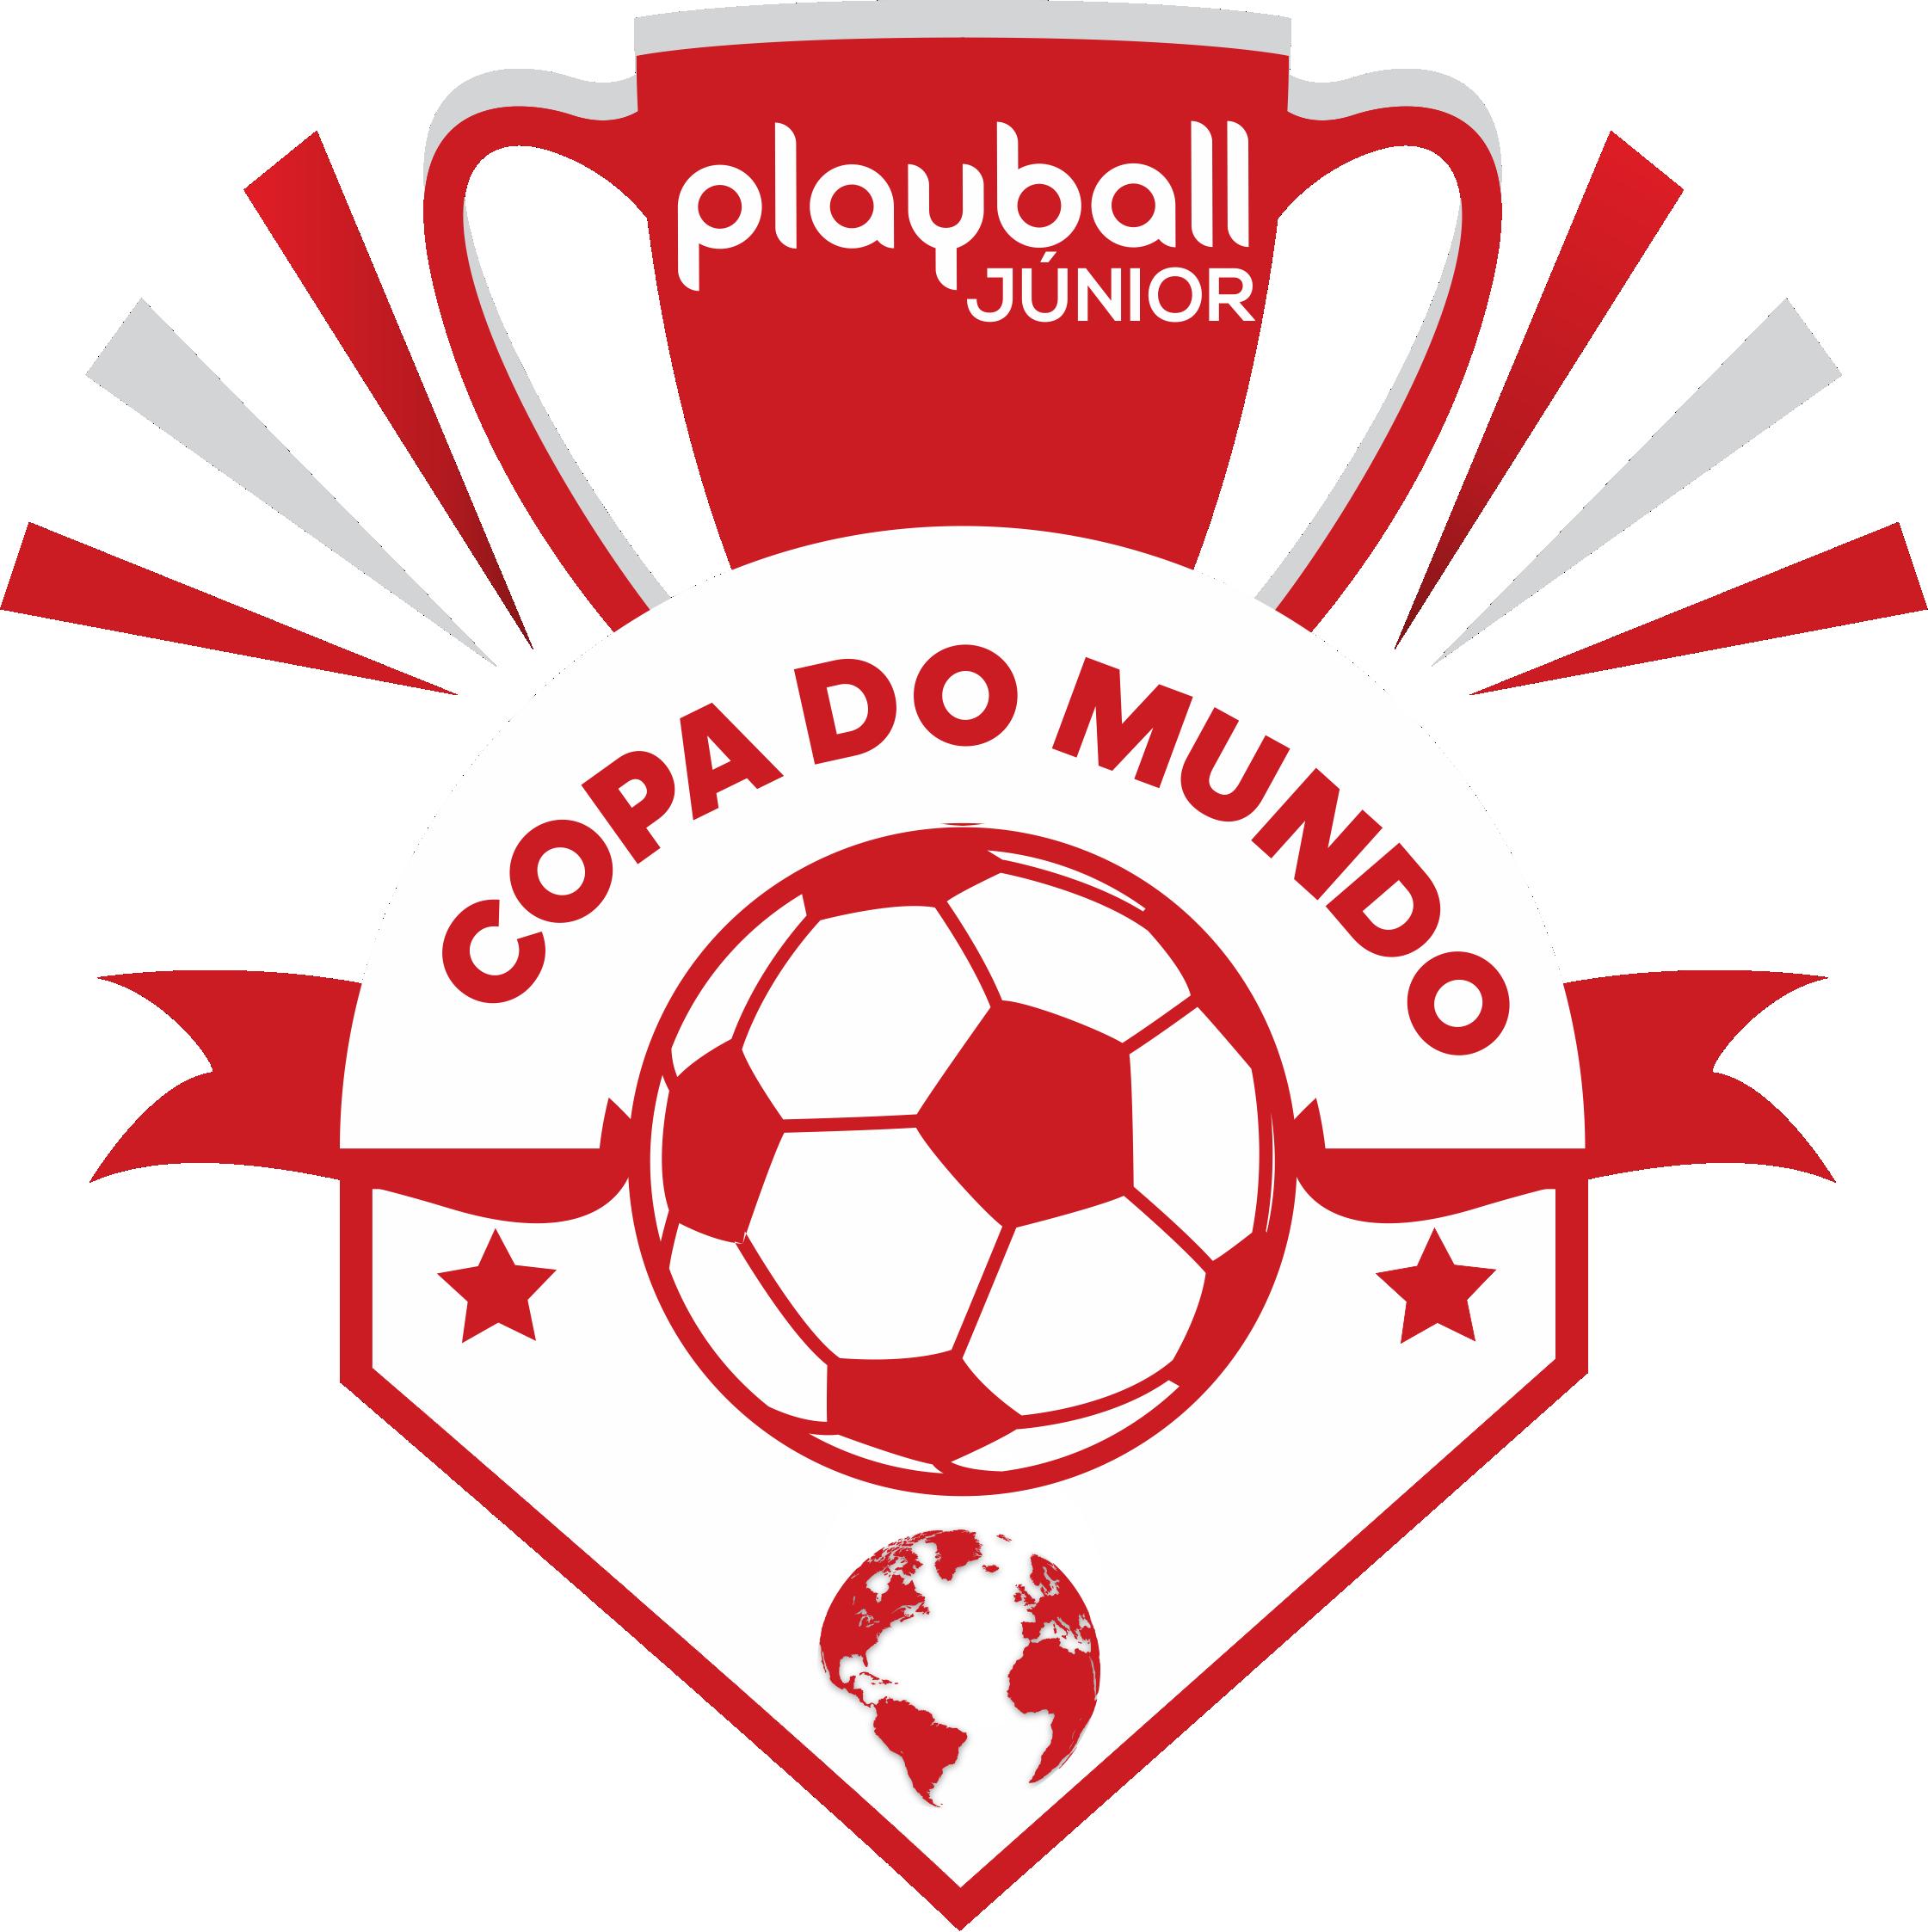 Copa do Mundo Playball Jr 2011 a 2013 Babys Ipiranga, Anhaia Melo e São Caetano